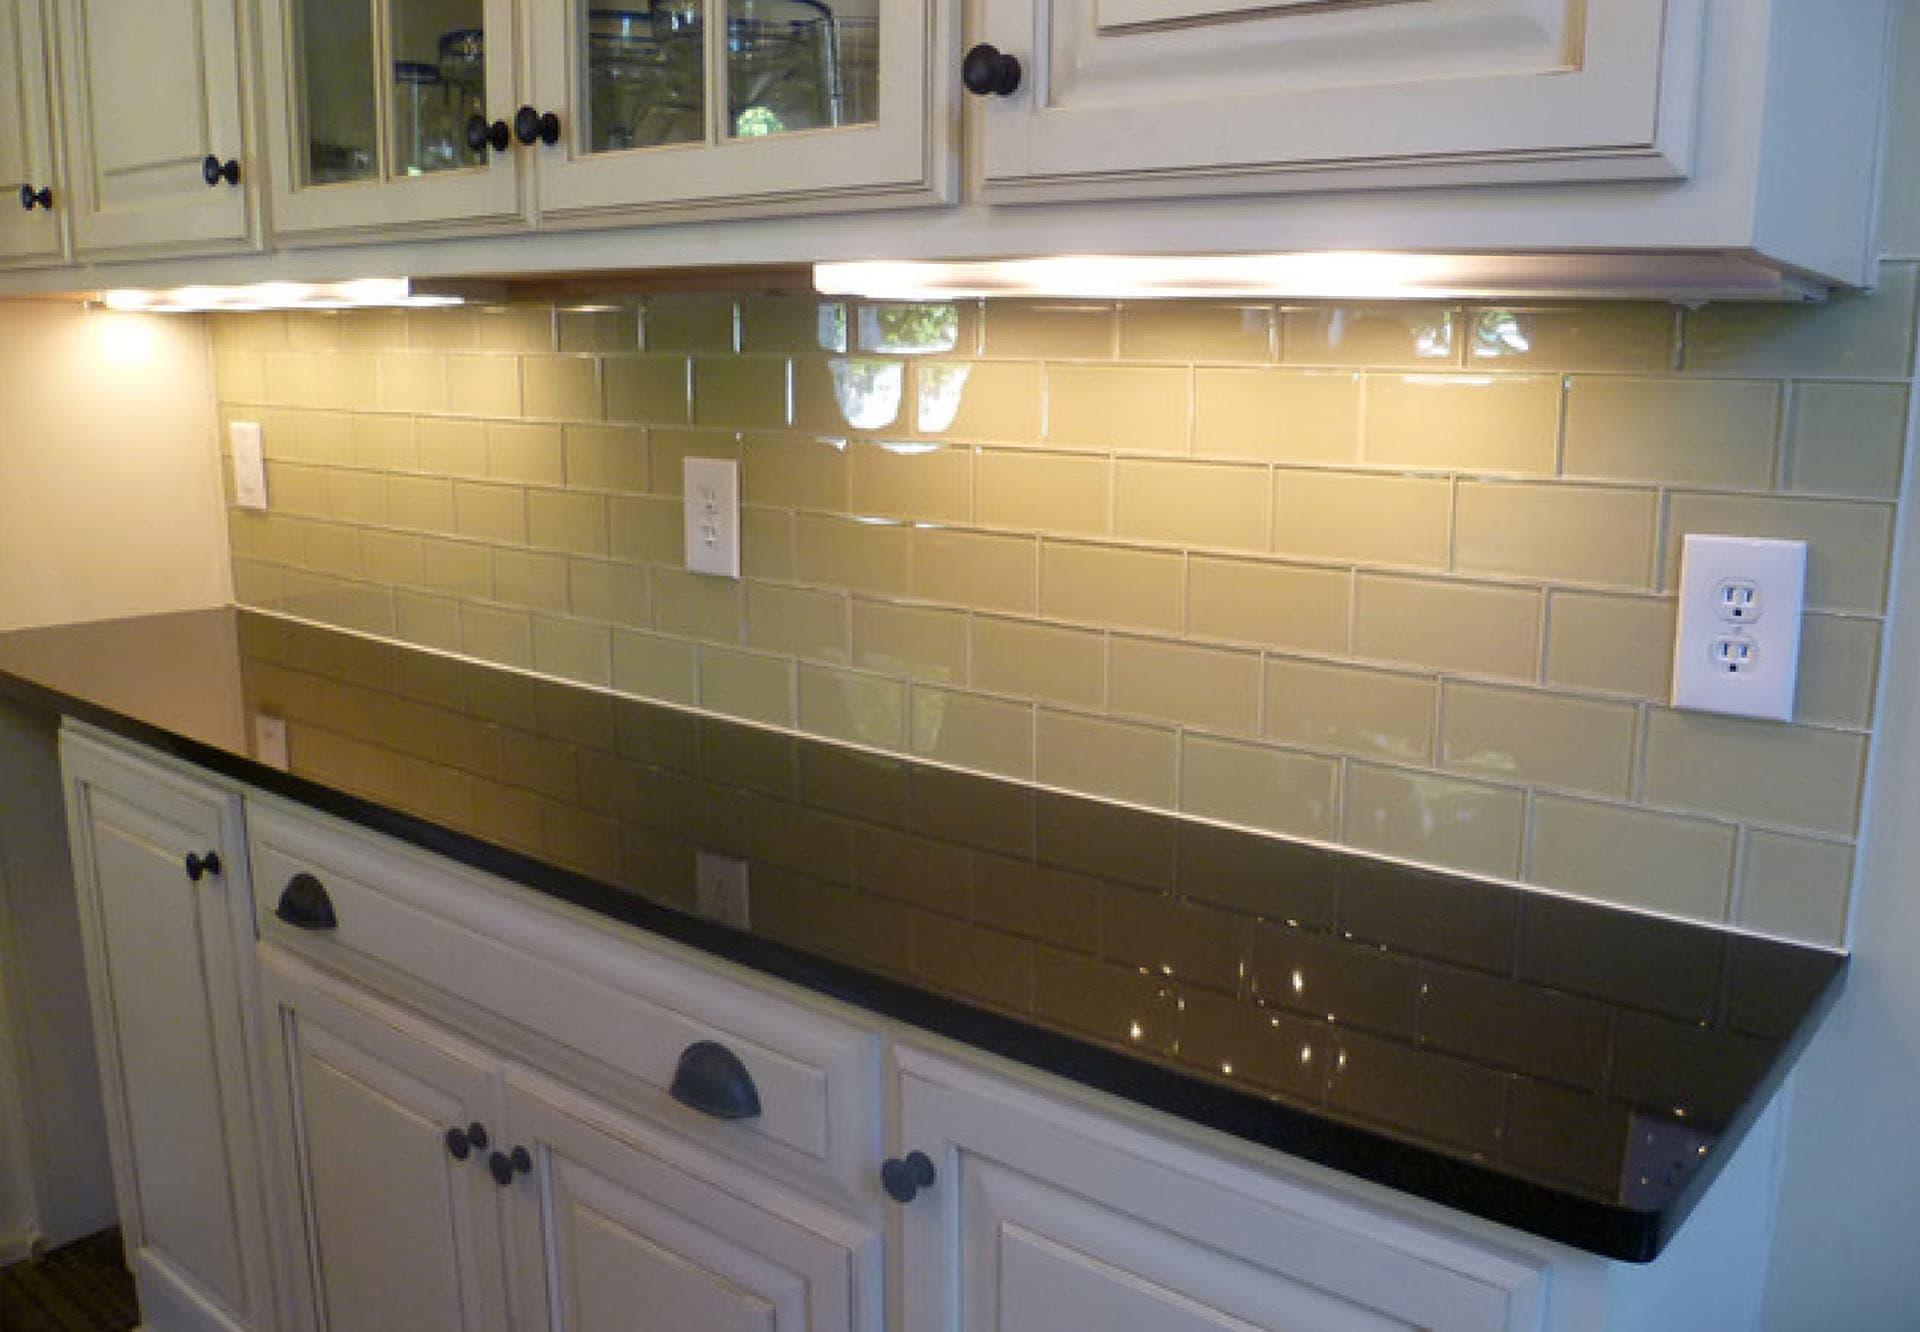 Glass backsplash tile